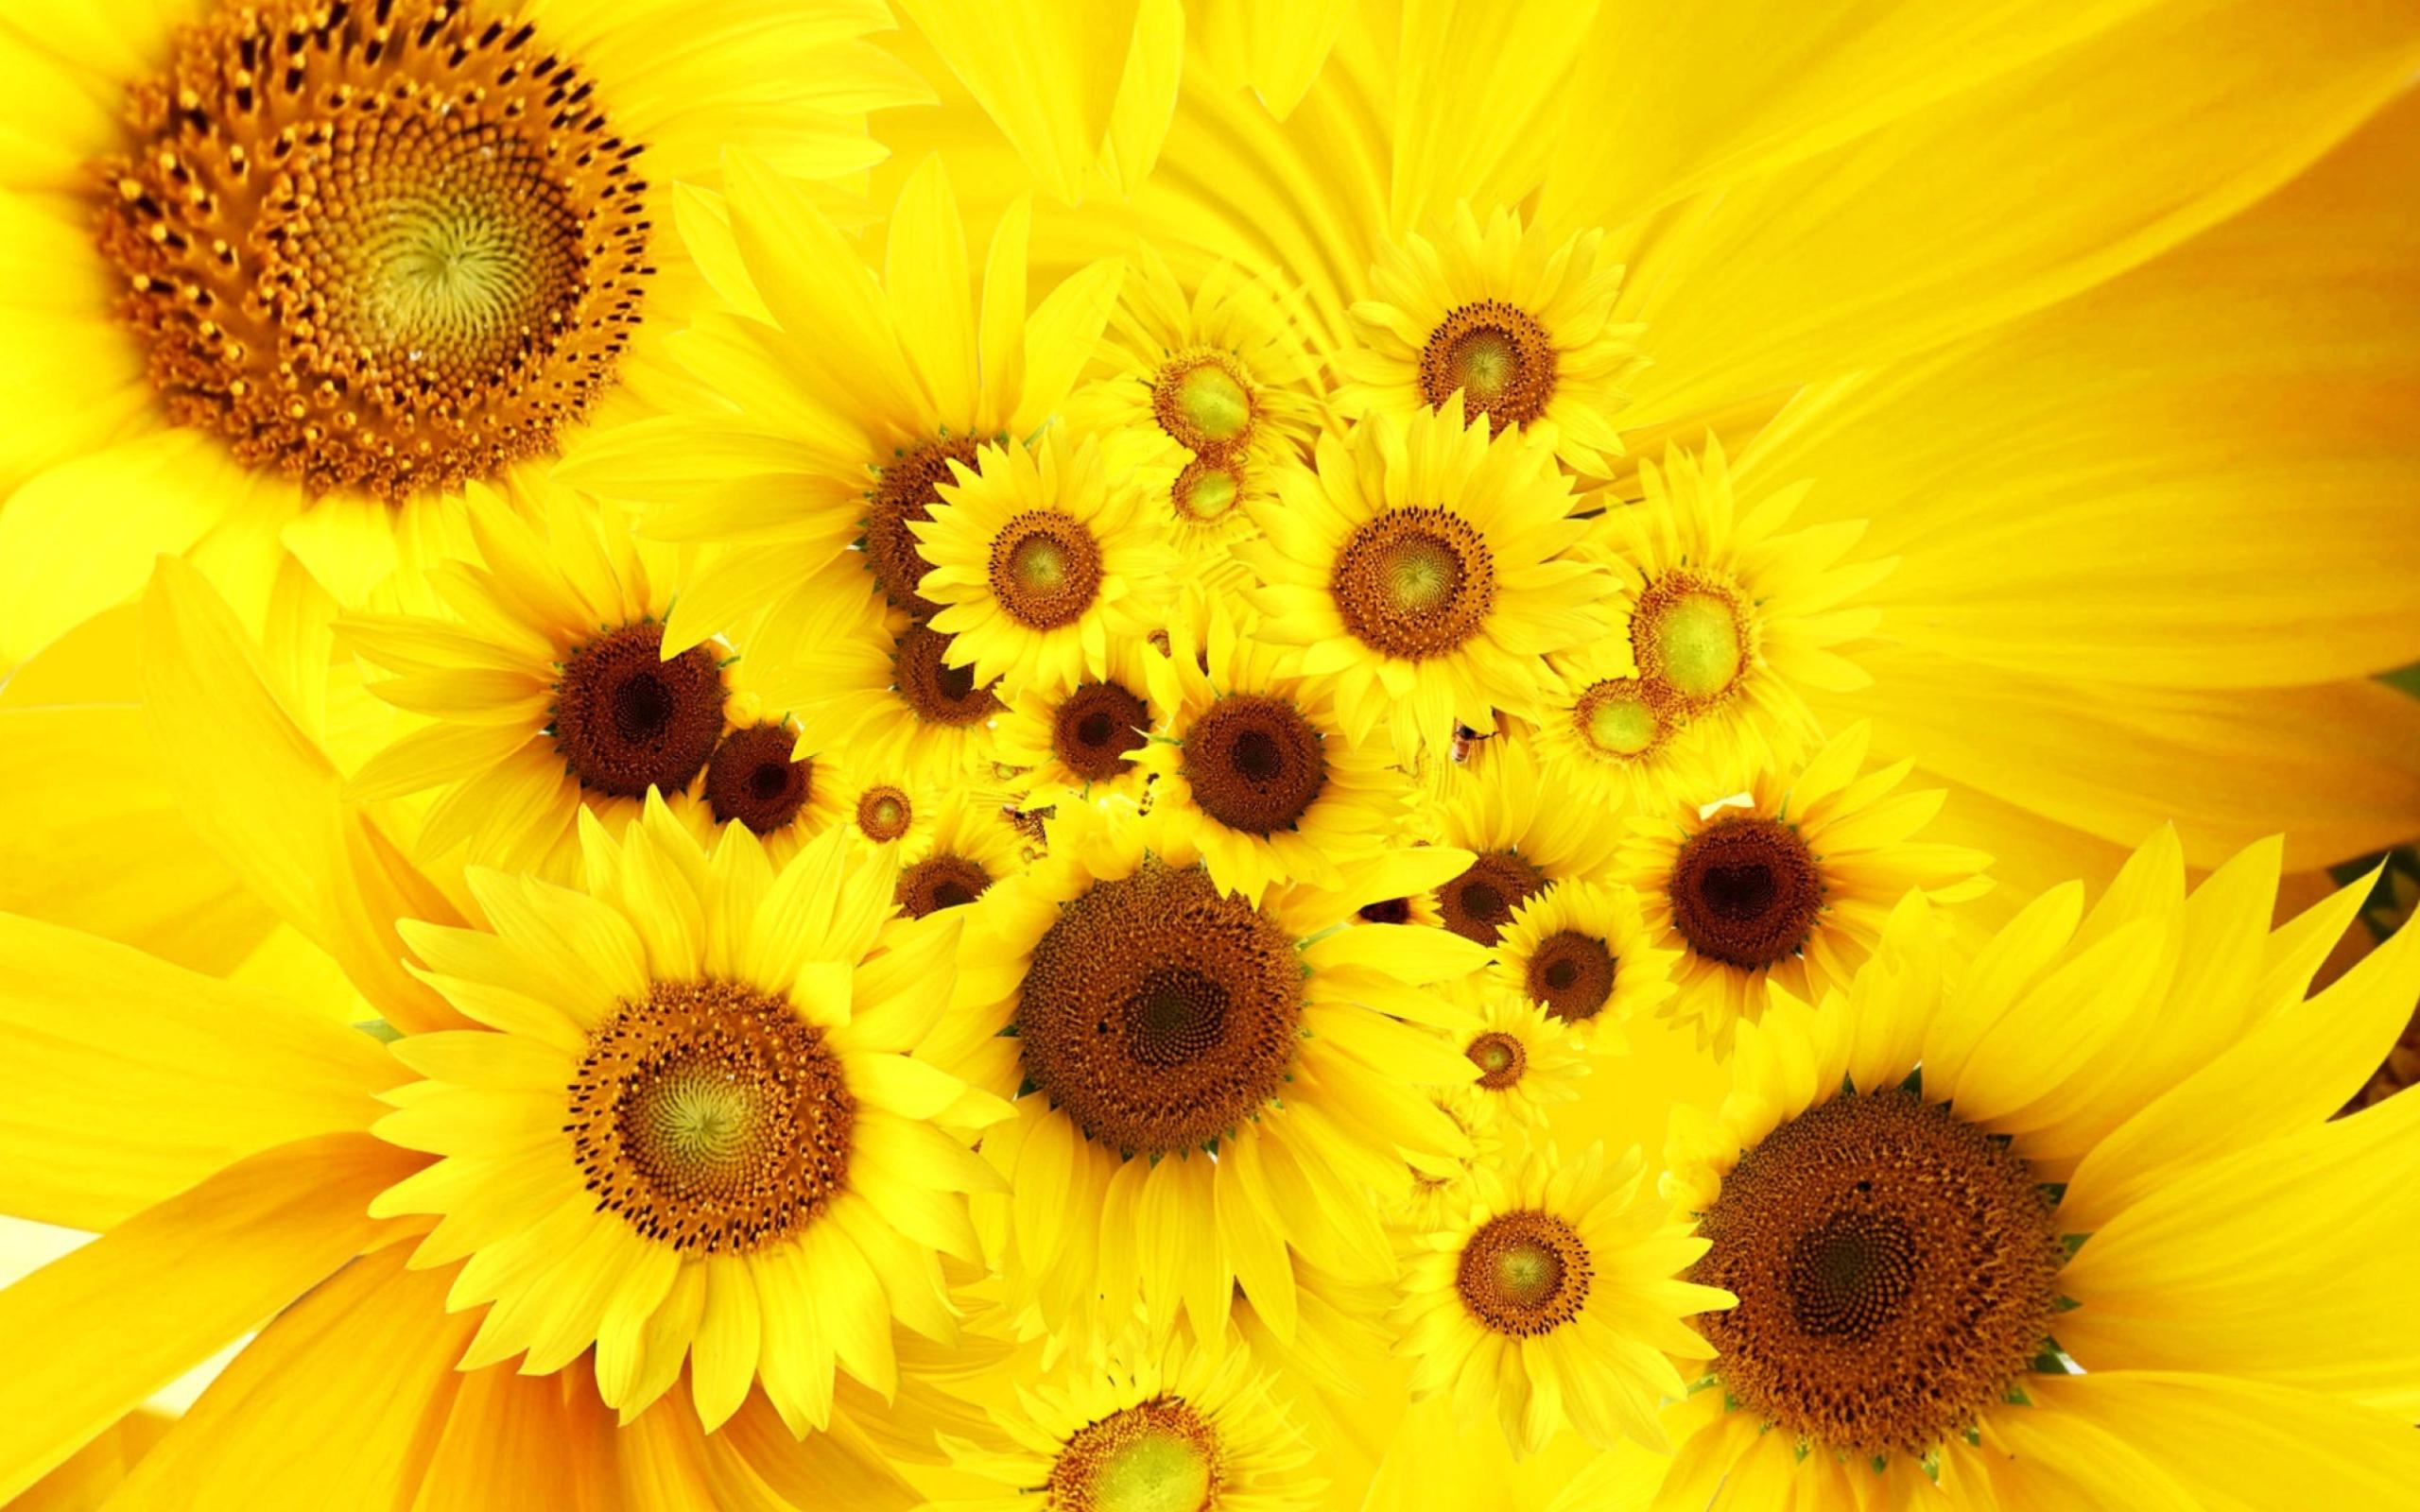 природа подсолнечник цветы nature sunflower flowers  № 2672142 без смс